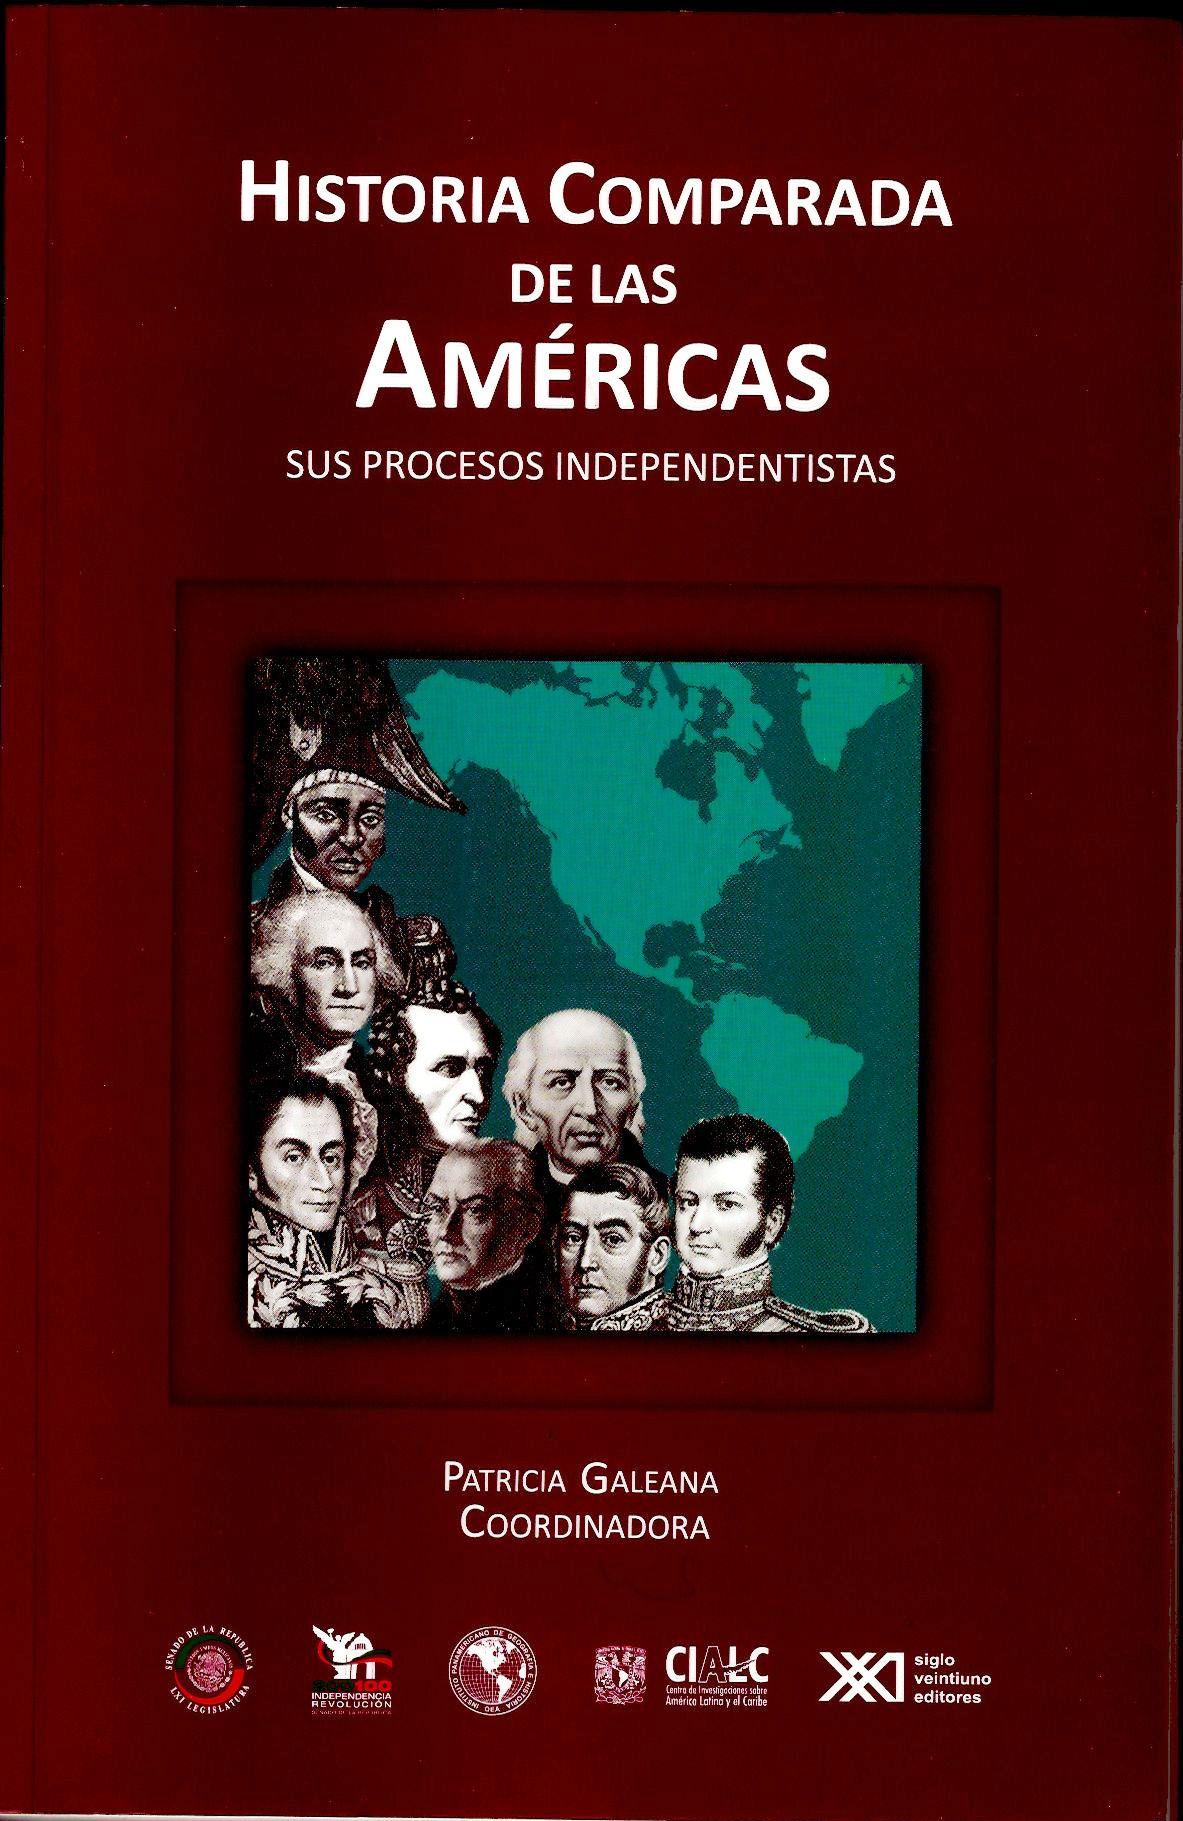 Historia comparada de las Américas, sus procesos independentistas vol.2